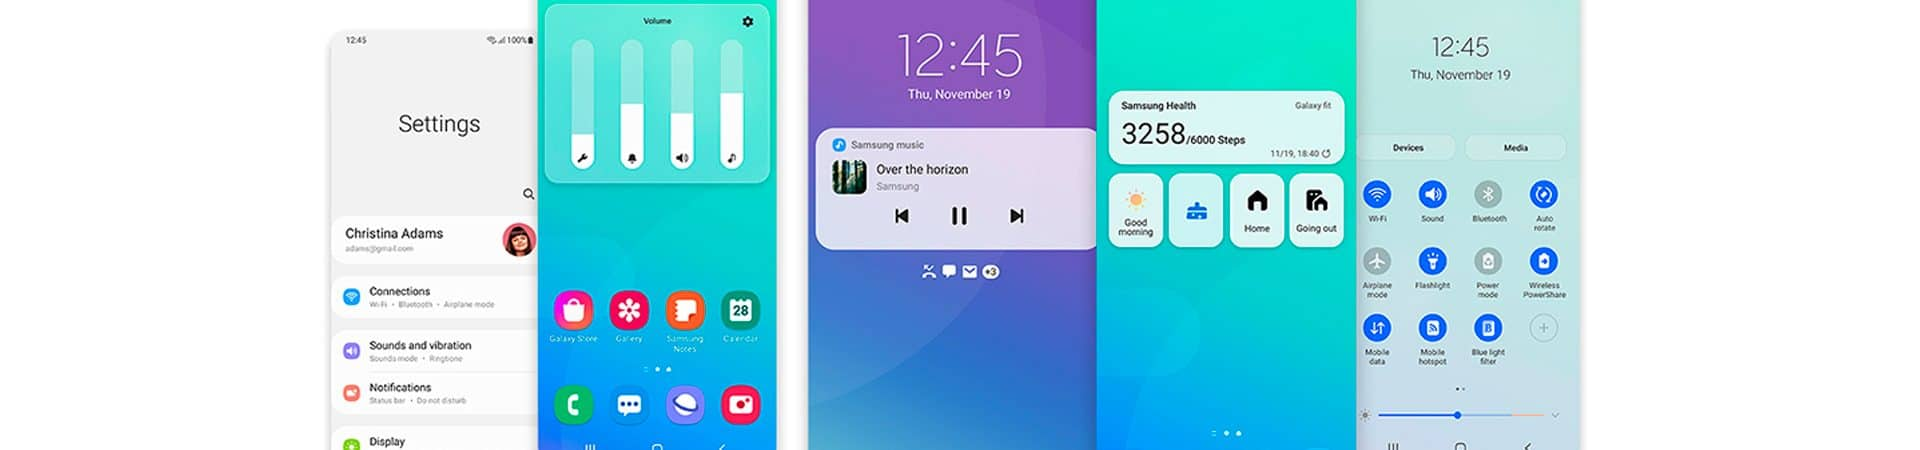 Samsung deve lançar OneUi 4.0 junto com Android 12. Imagem: Samsung